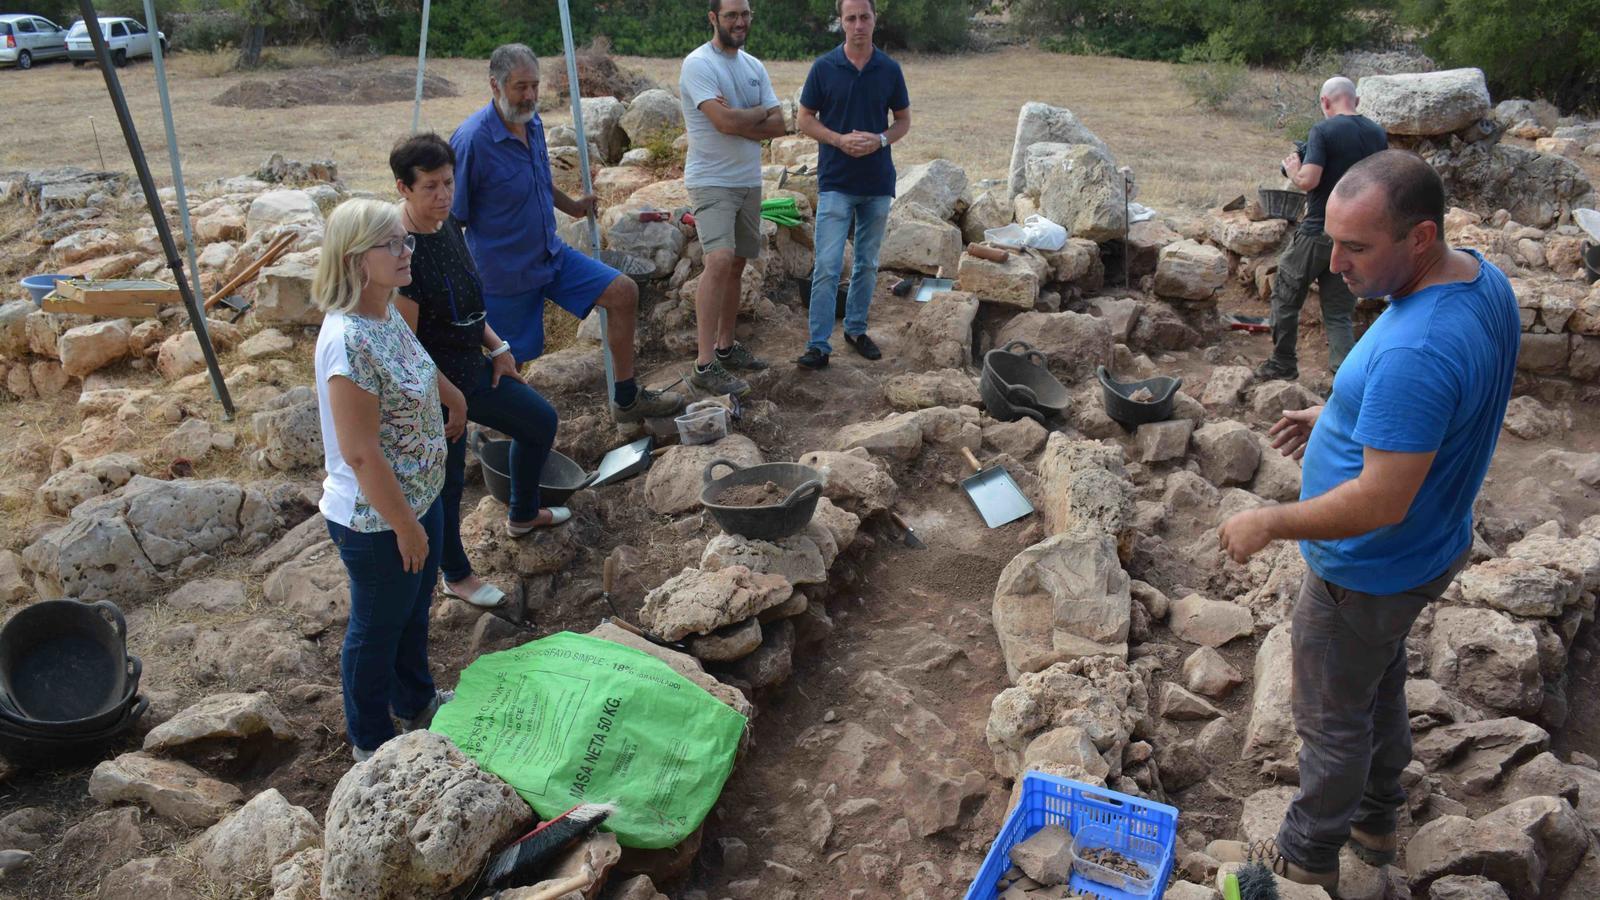 Representants municipals han visitat la zona on es fa la recerca arqueològica.